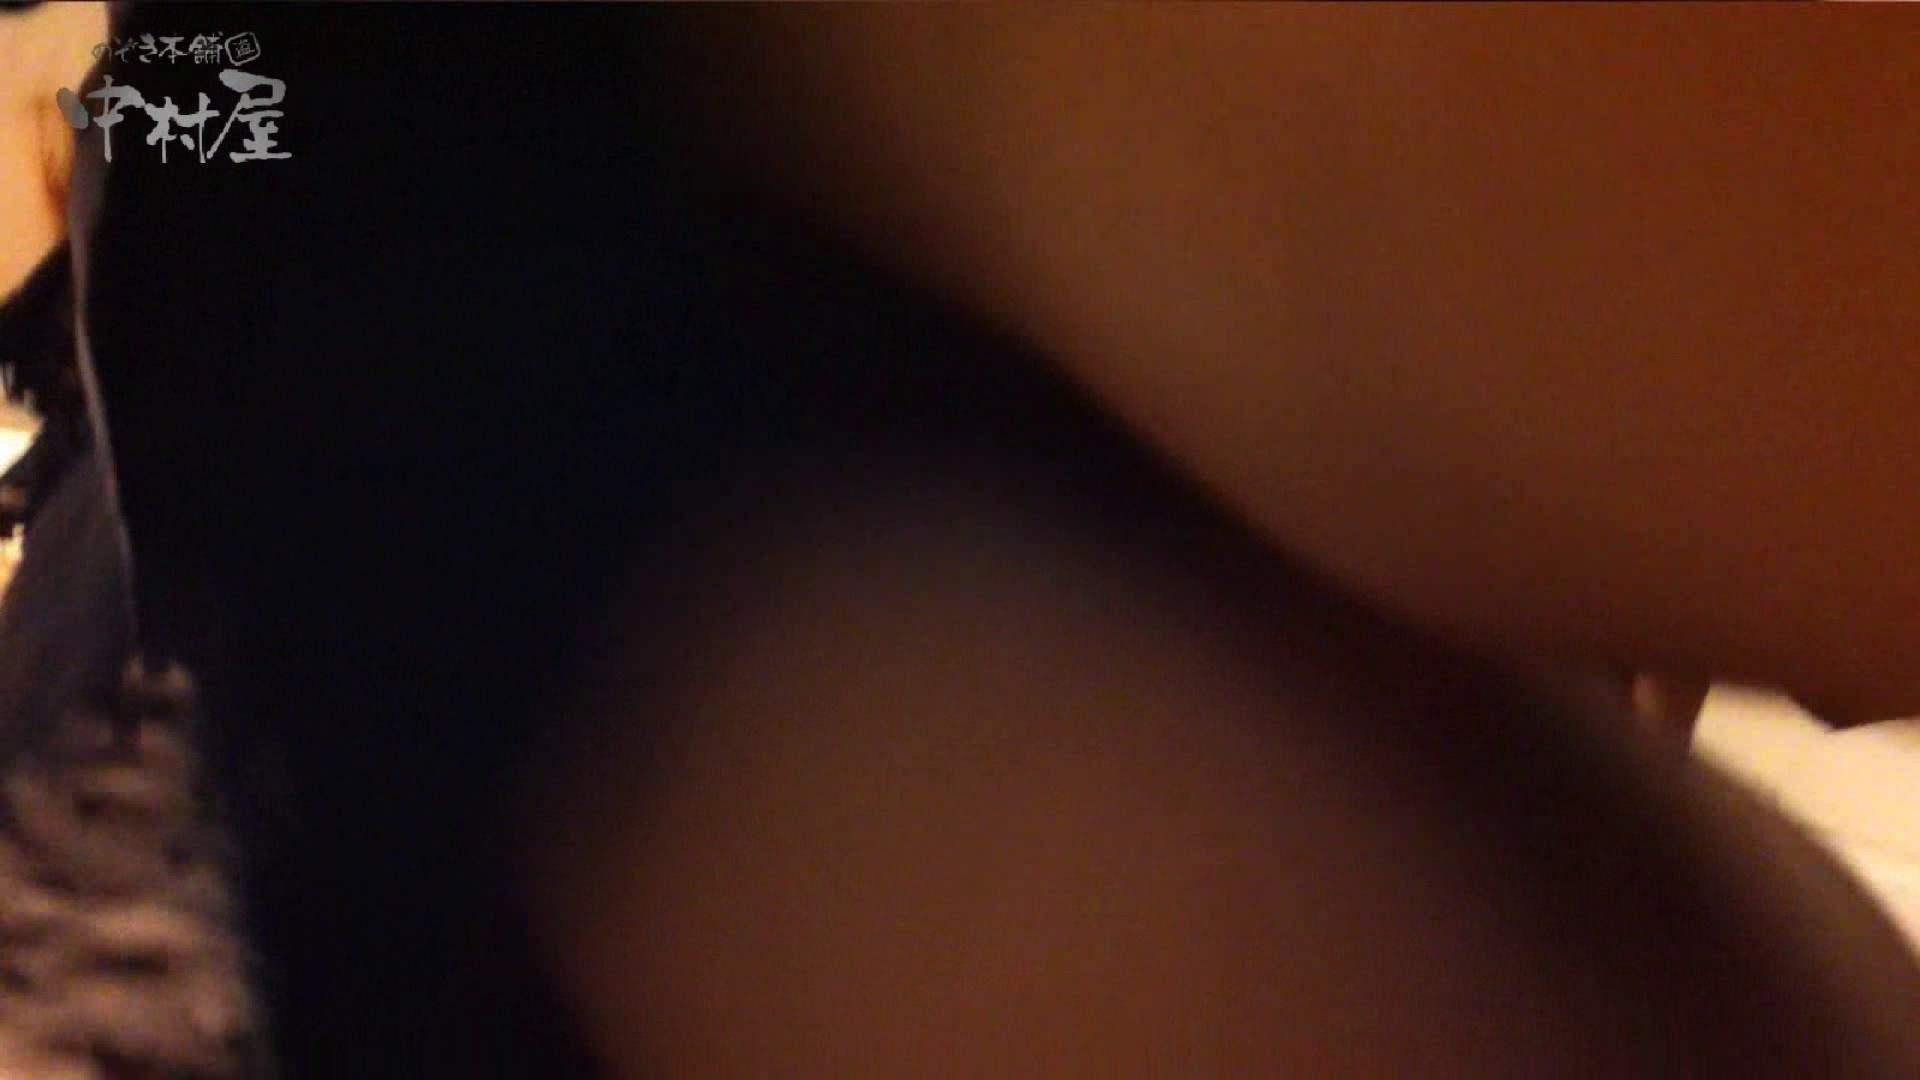 vol.74 美人アパレル胸チラ&パンチラ ブカブカセーターあざっす! 接写 盗撮おめこ無修正動画無料 82画像 33